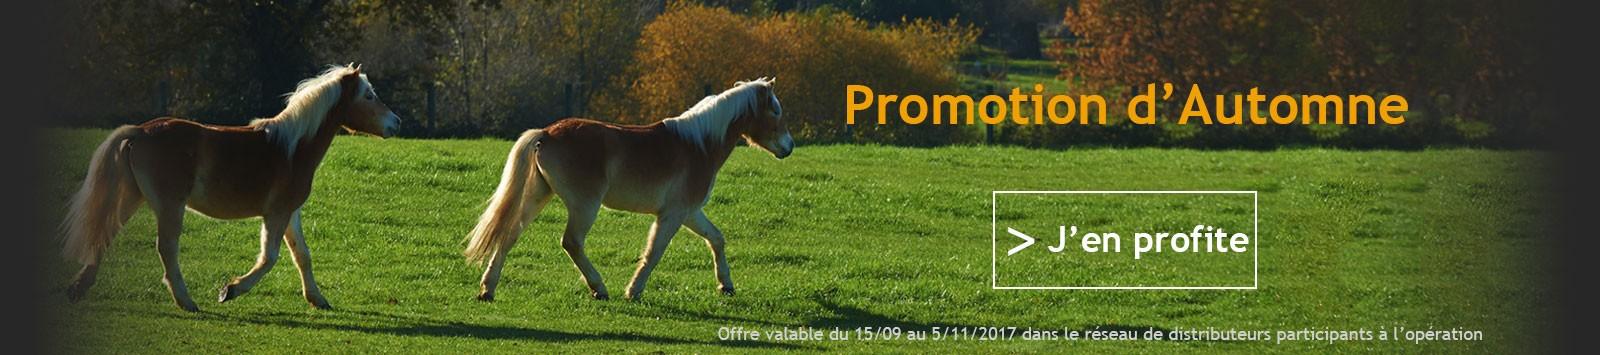 Promotion Automne